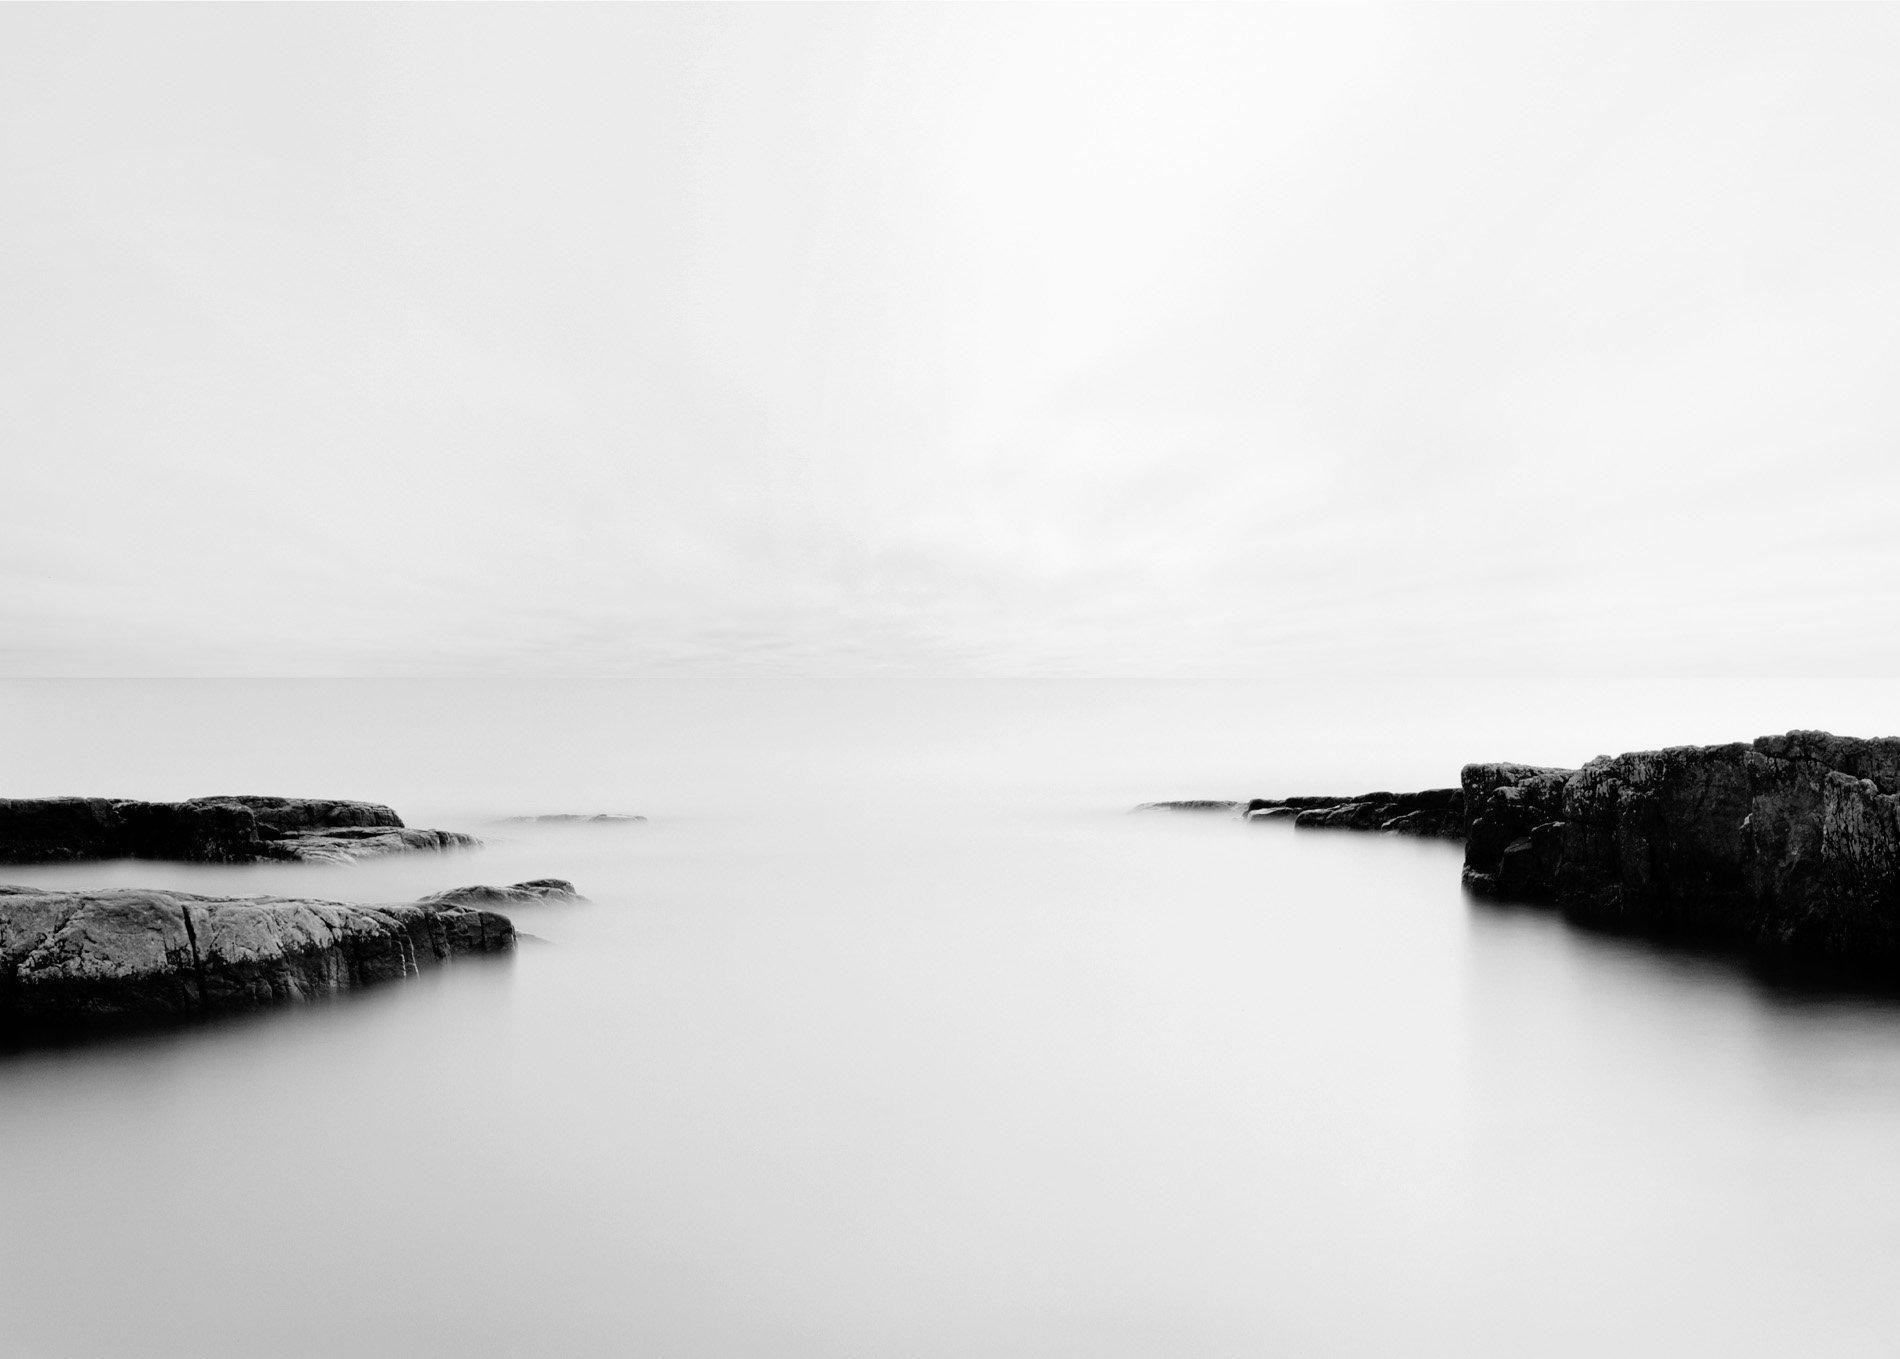 Rocks & Water 01